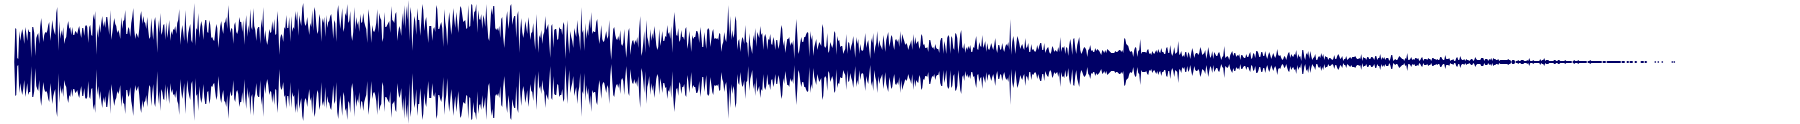 waveform of track #74273